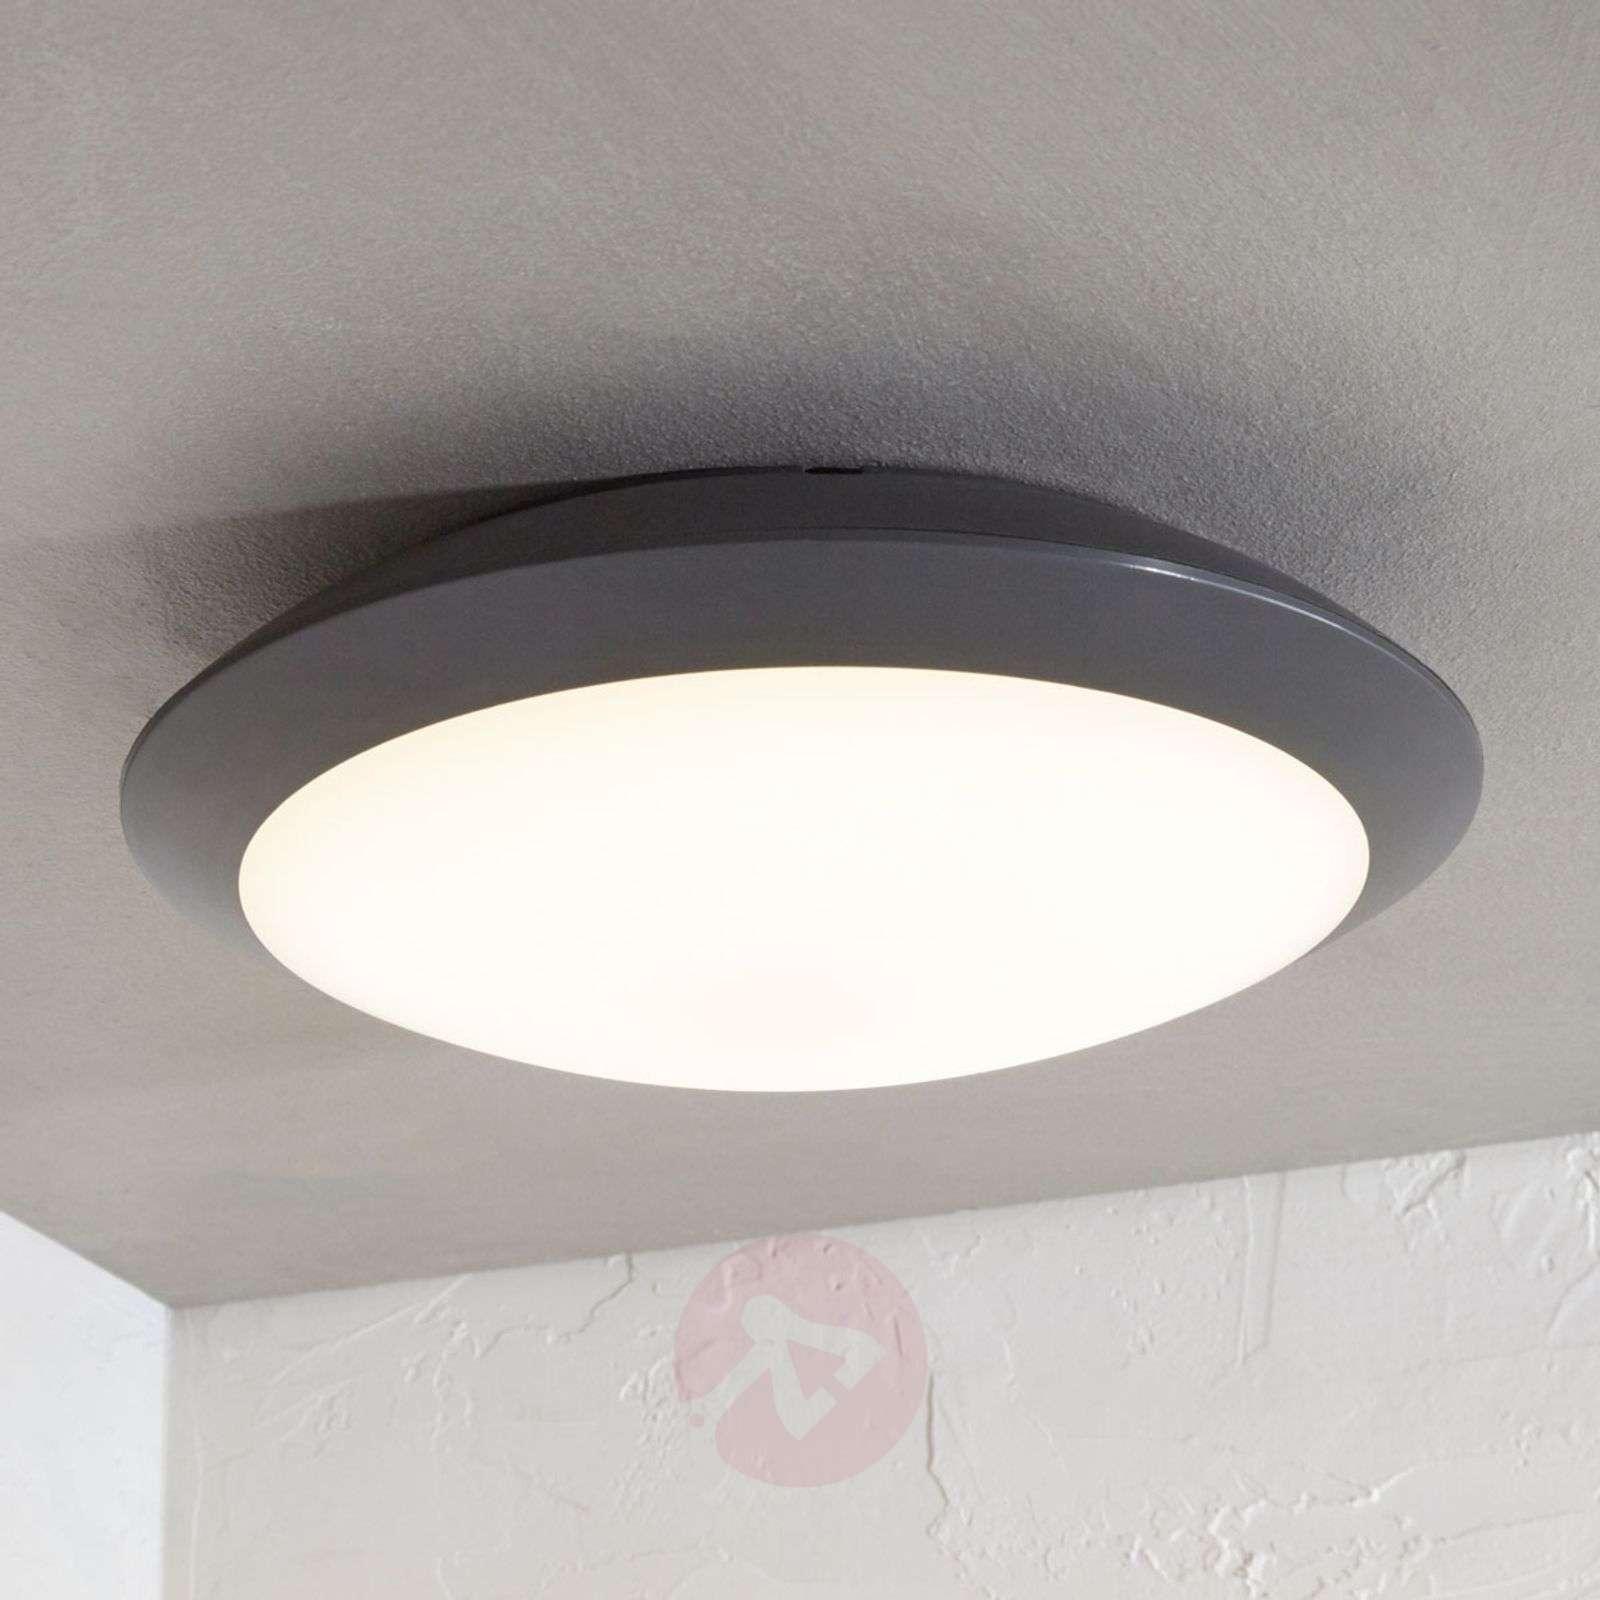 LED-ulkokattovalaisin Naira, harmaa, anturi-9949020-01